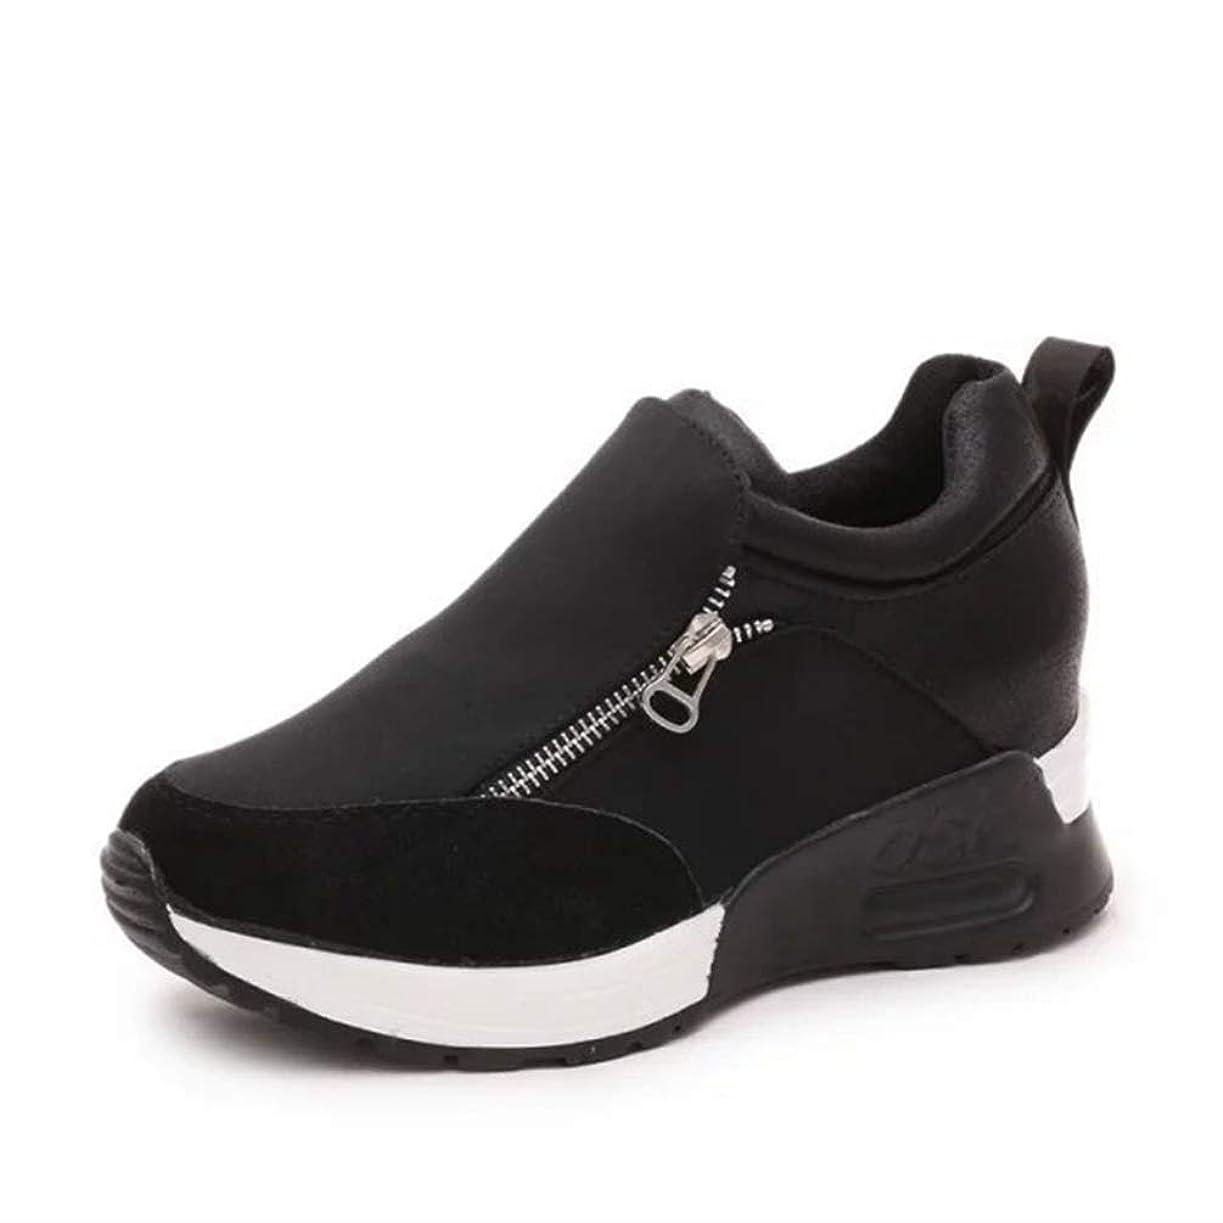 誘発する三なかなか[サニーサニー] レディース スニーカー インヒール 厚底靴 大きなサイズ シークレットシューズ ジッパー 通学 フラット オシャレ カジュアル 異素材切り替え 歩きやすい 通気性 快適 身長アップ 美脚 ランキング 22.5-26.0CM